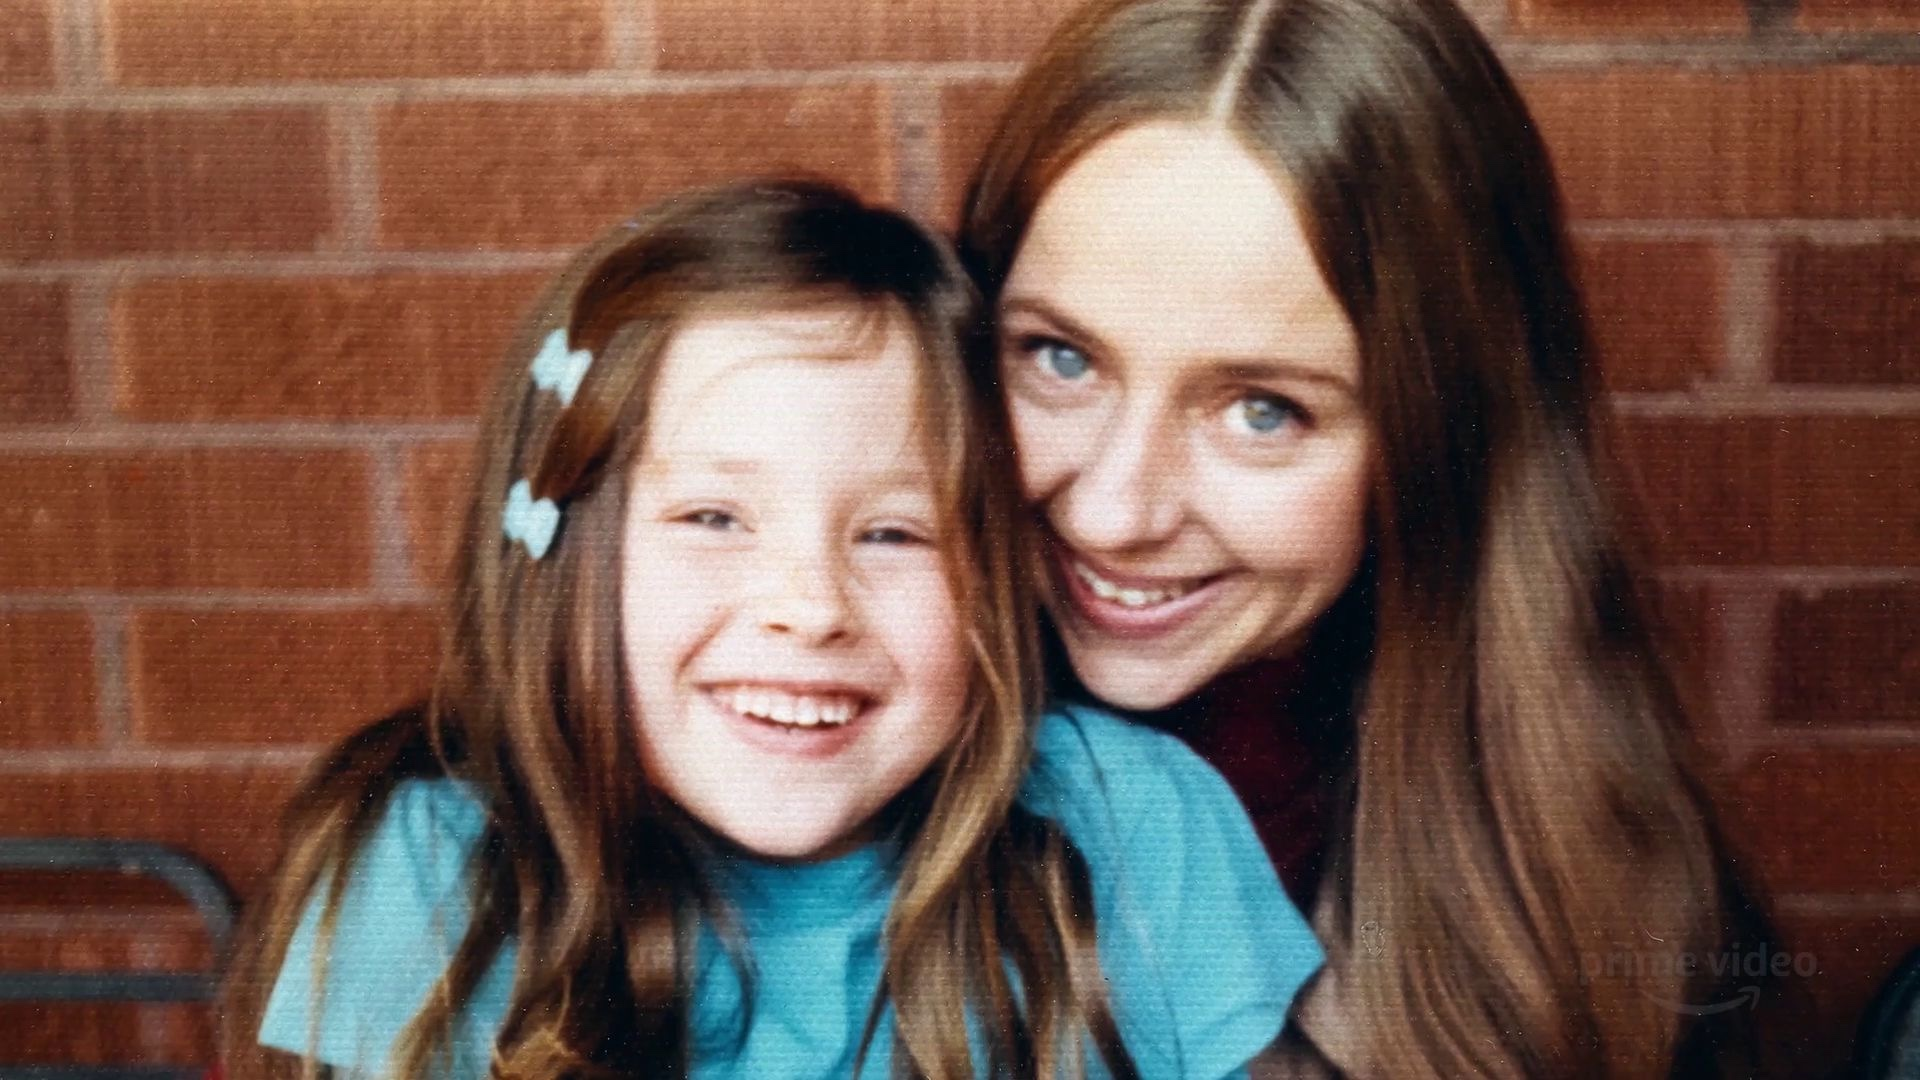 Liz Elizabeth Kloepfer Ted Bundy Molly Kloepfer Tina Falling for a Killer